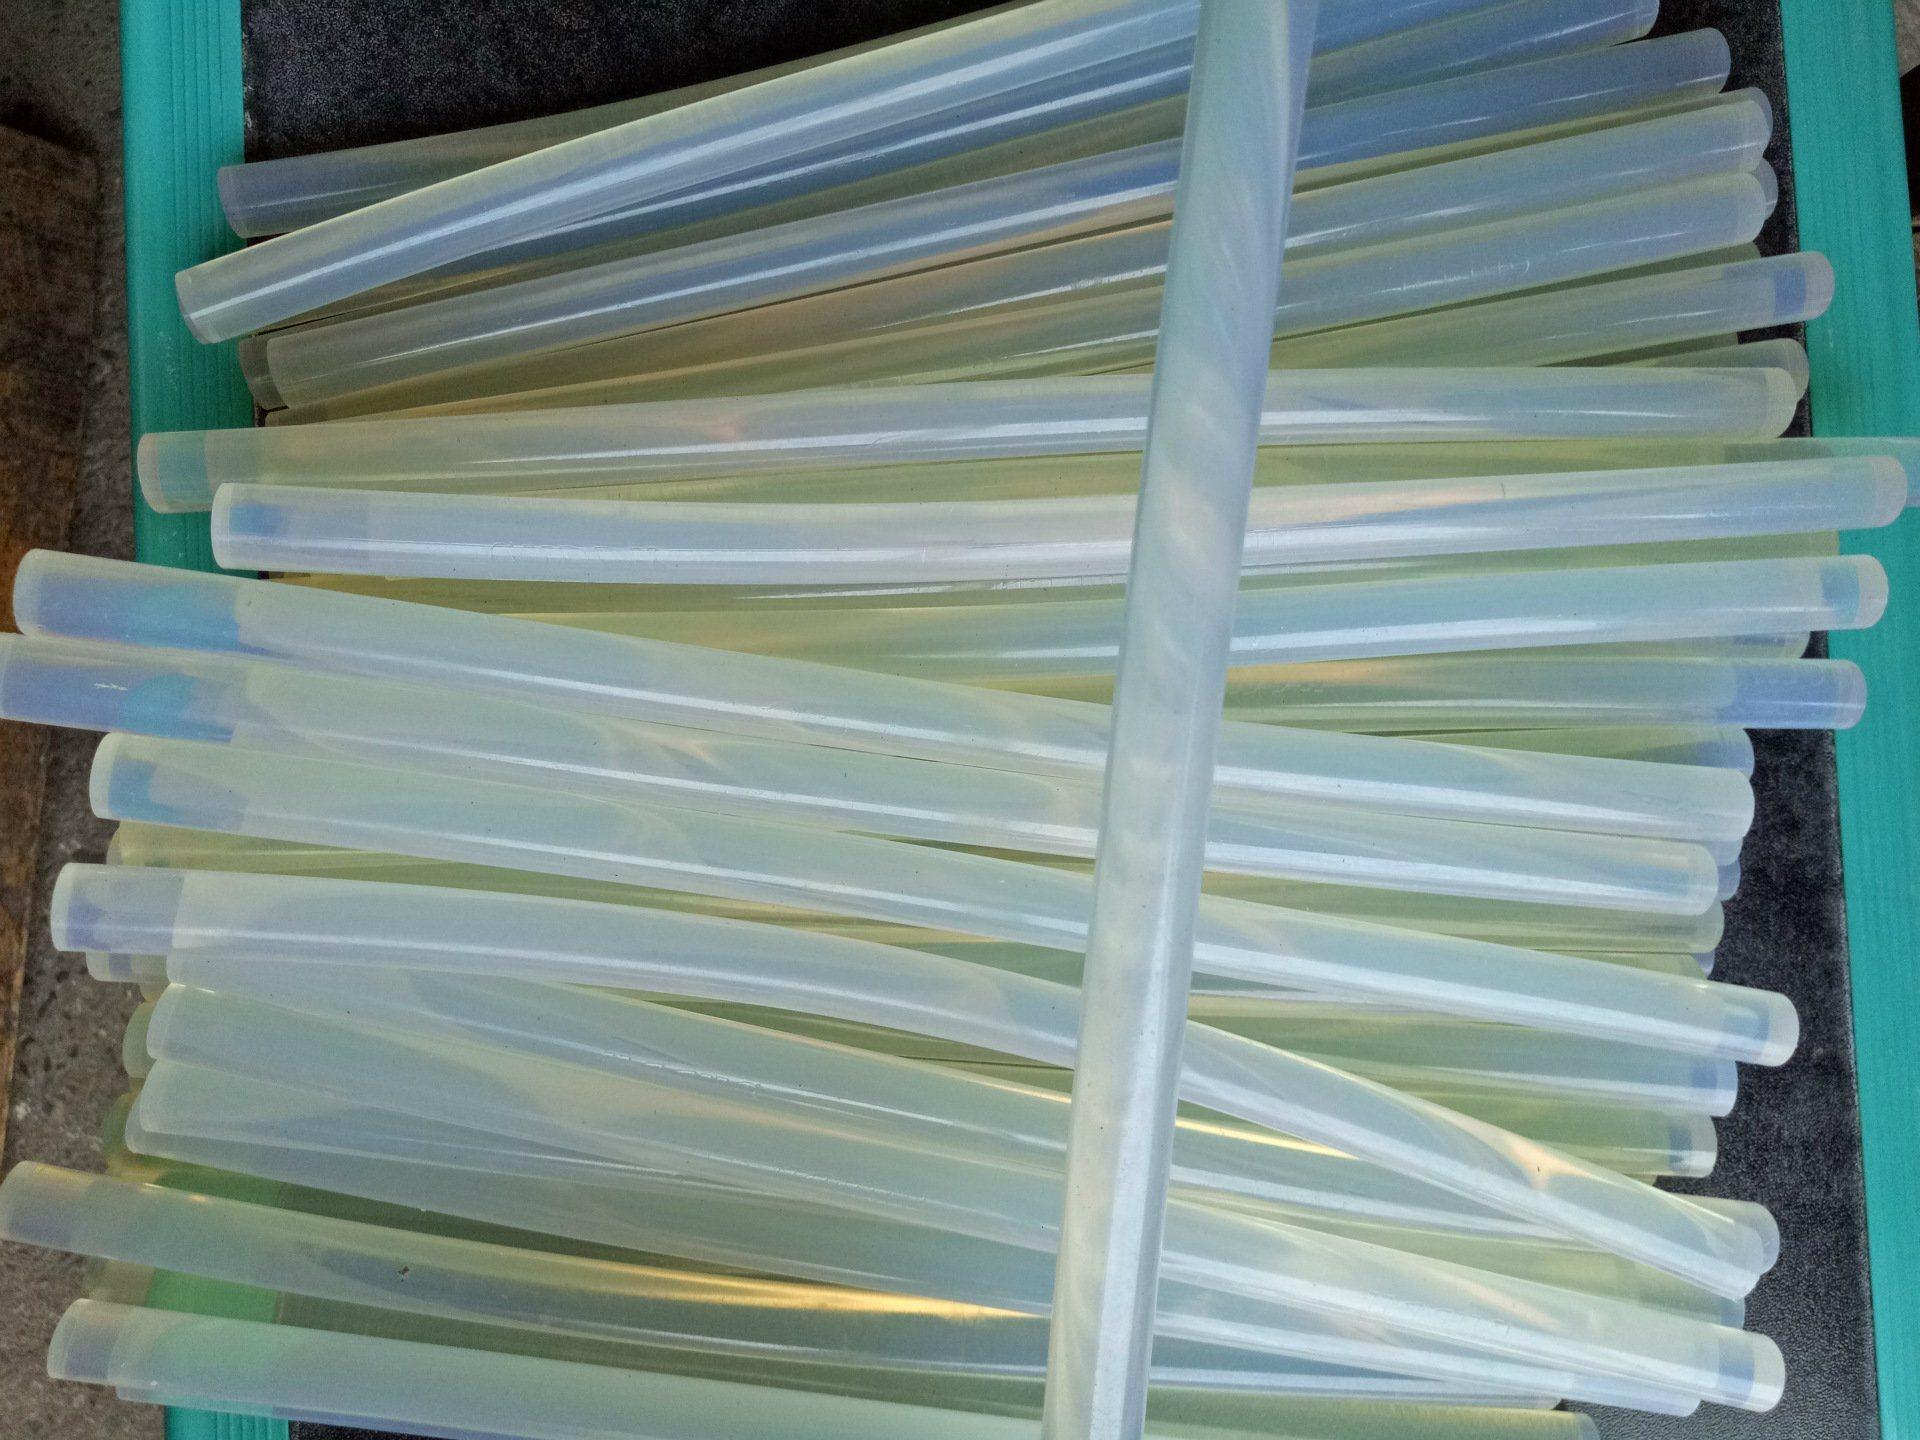 China Glue Stick, Glue Stick Manufacturers, Suppliers, Price |  Made-in-China com